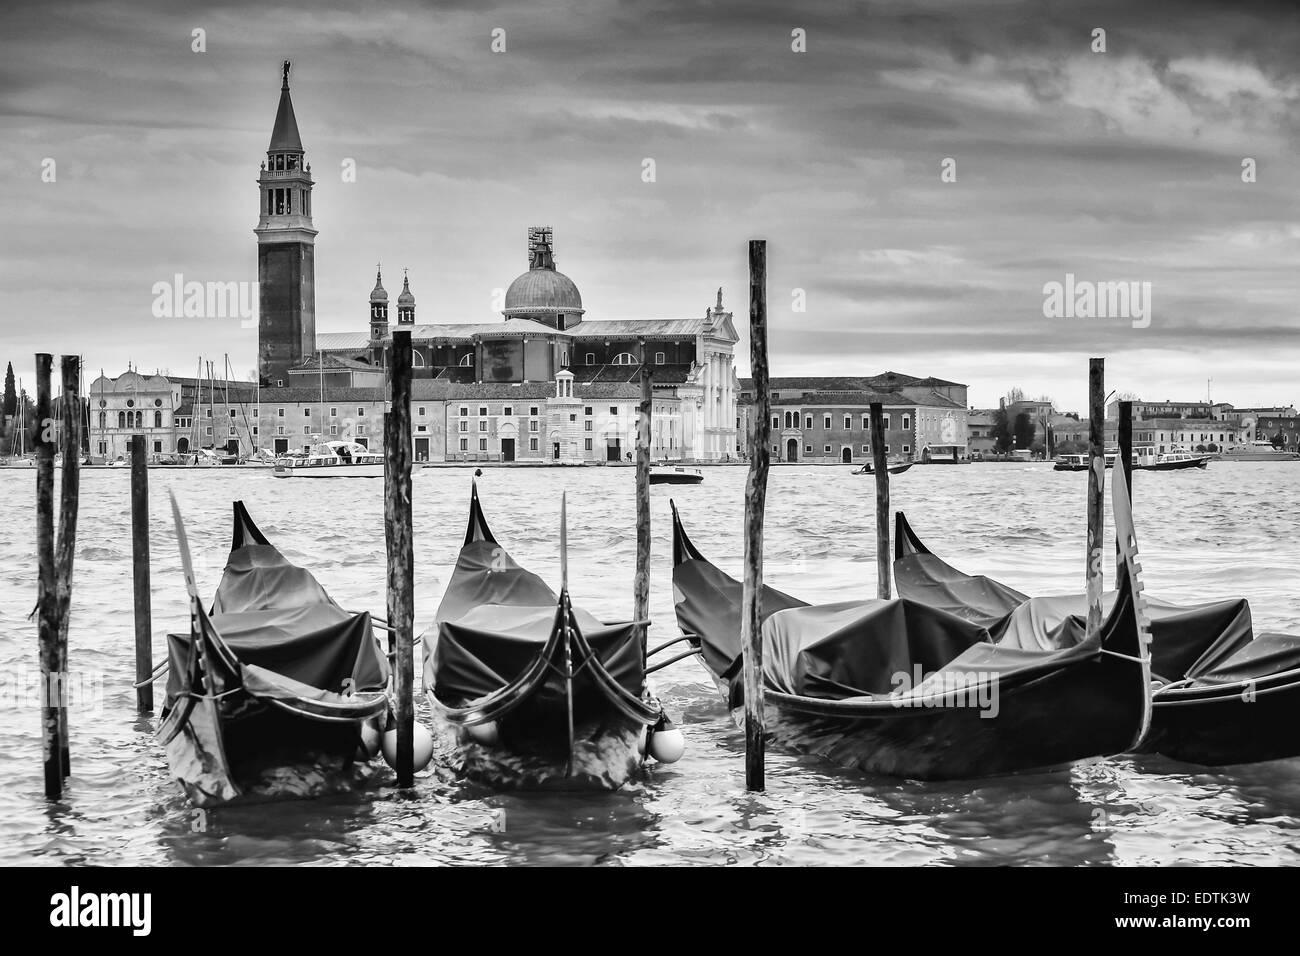 Church of San Giorgio Maggiore on the island of the San Giorgio Maggiore with gondolas parked in the water in Venice, Stock Photo